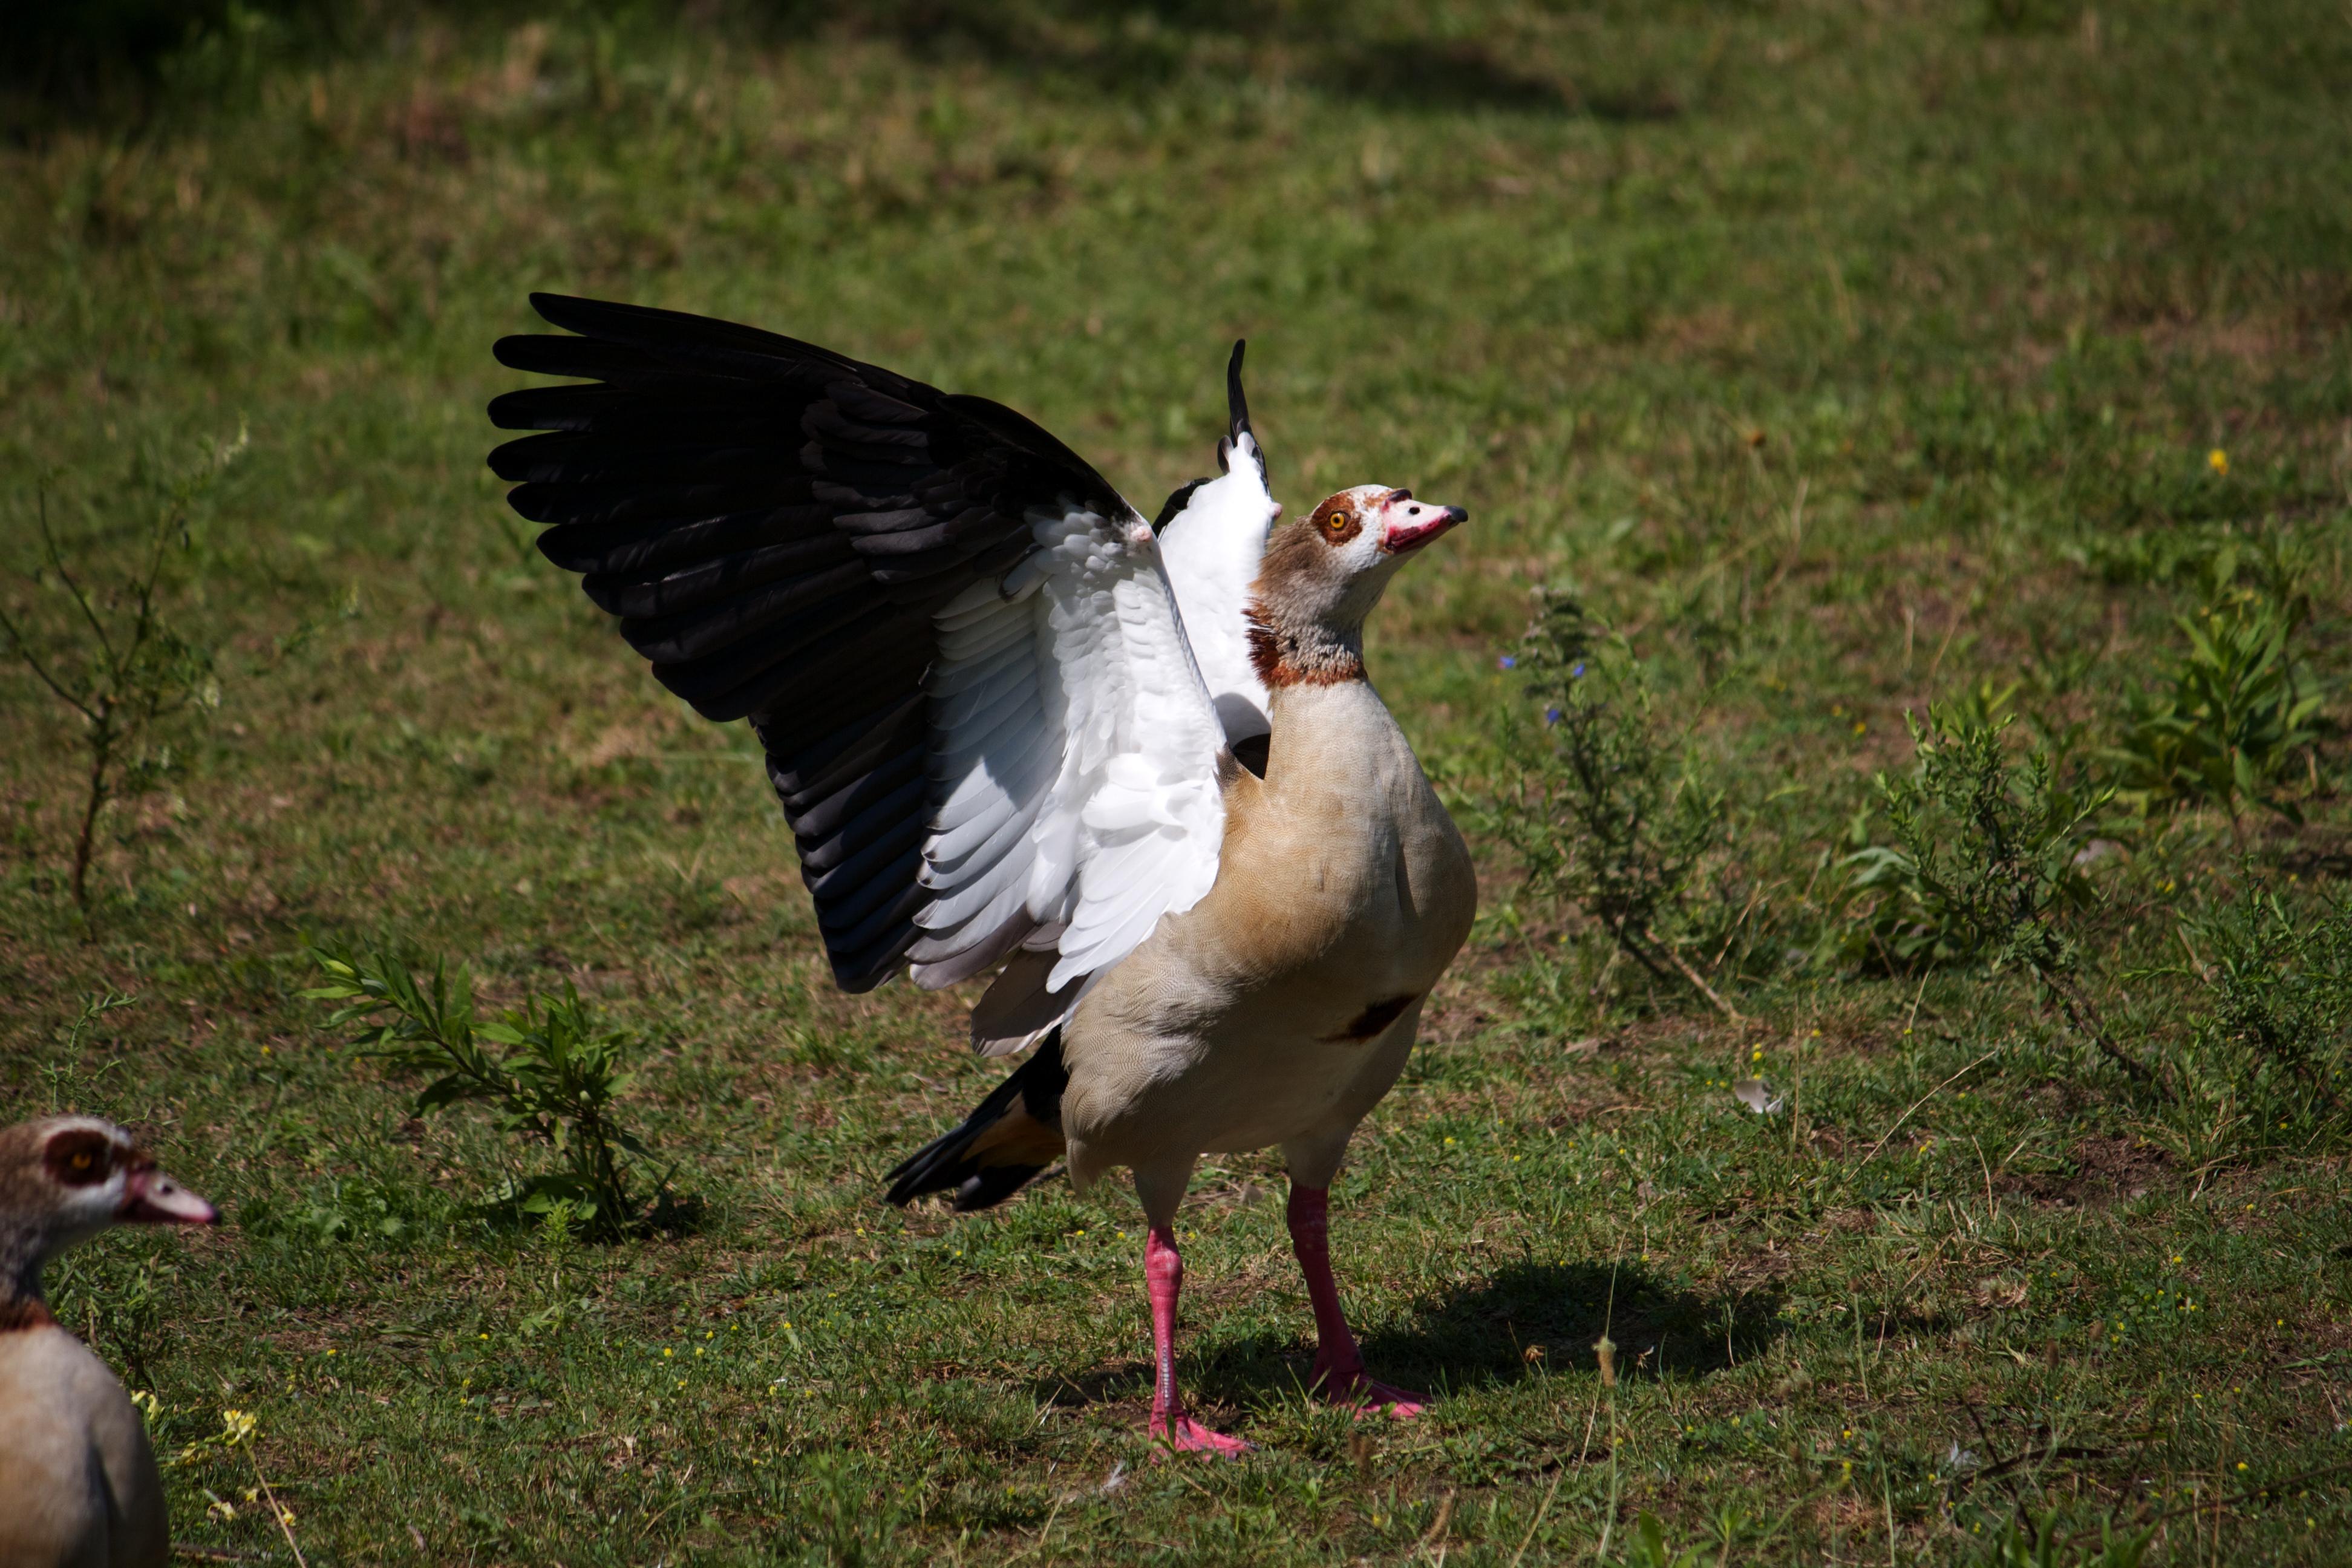 Goose photo